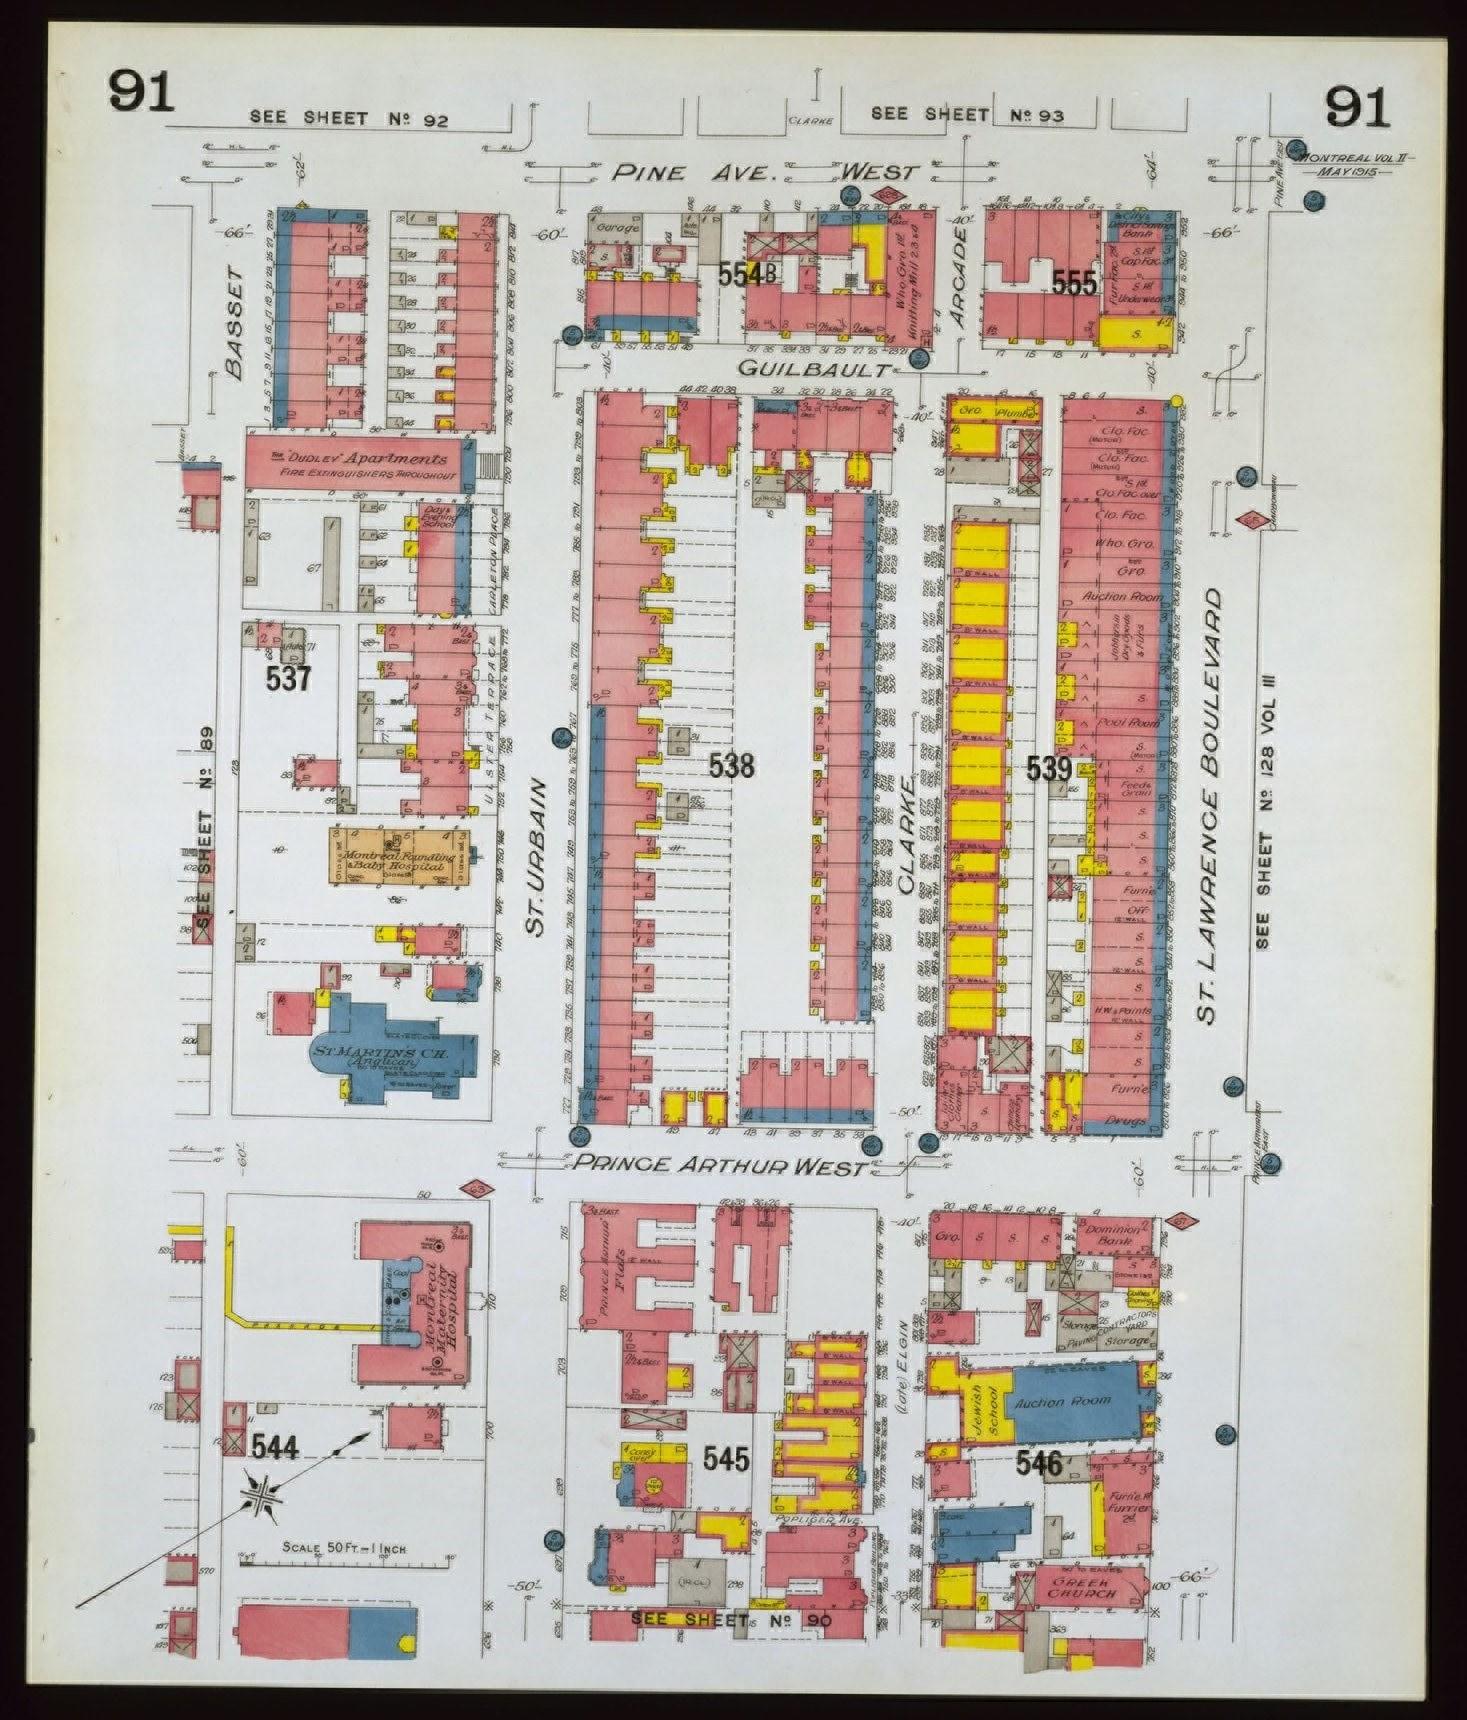 Plan montrant le quartier où était située l'église Evangelismos